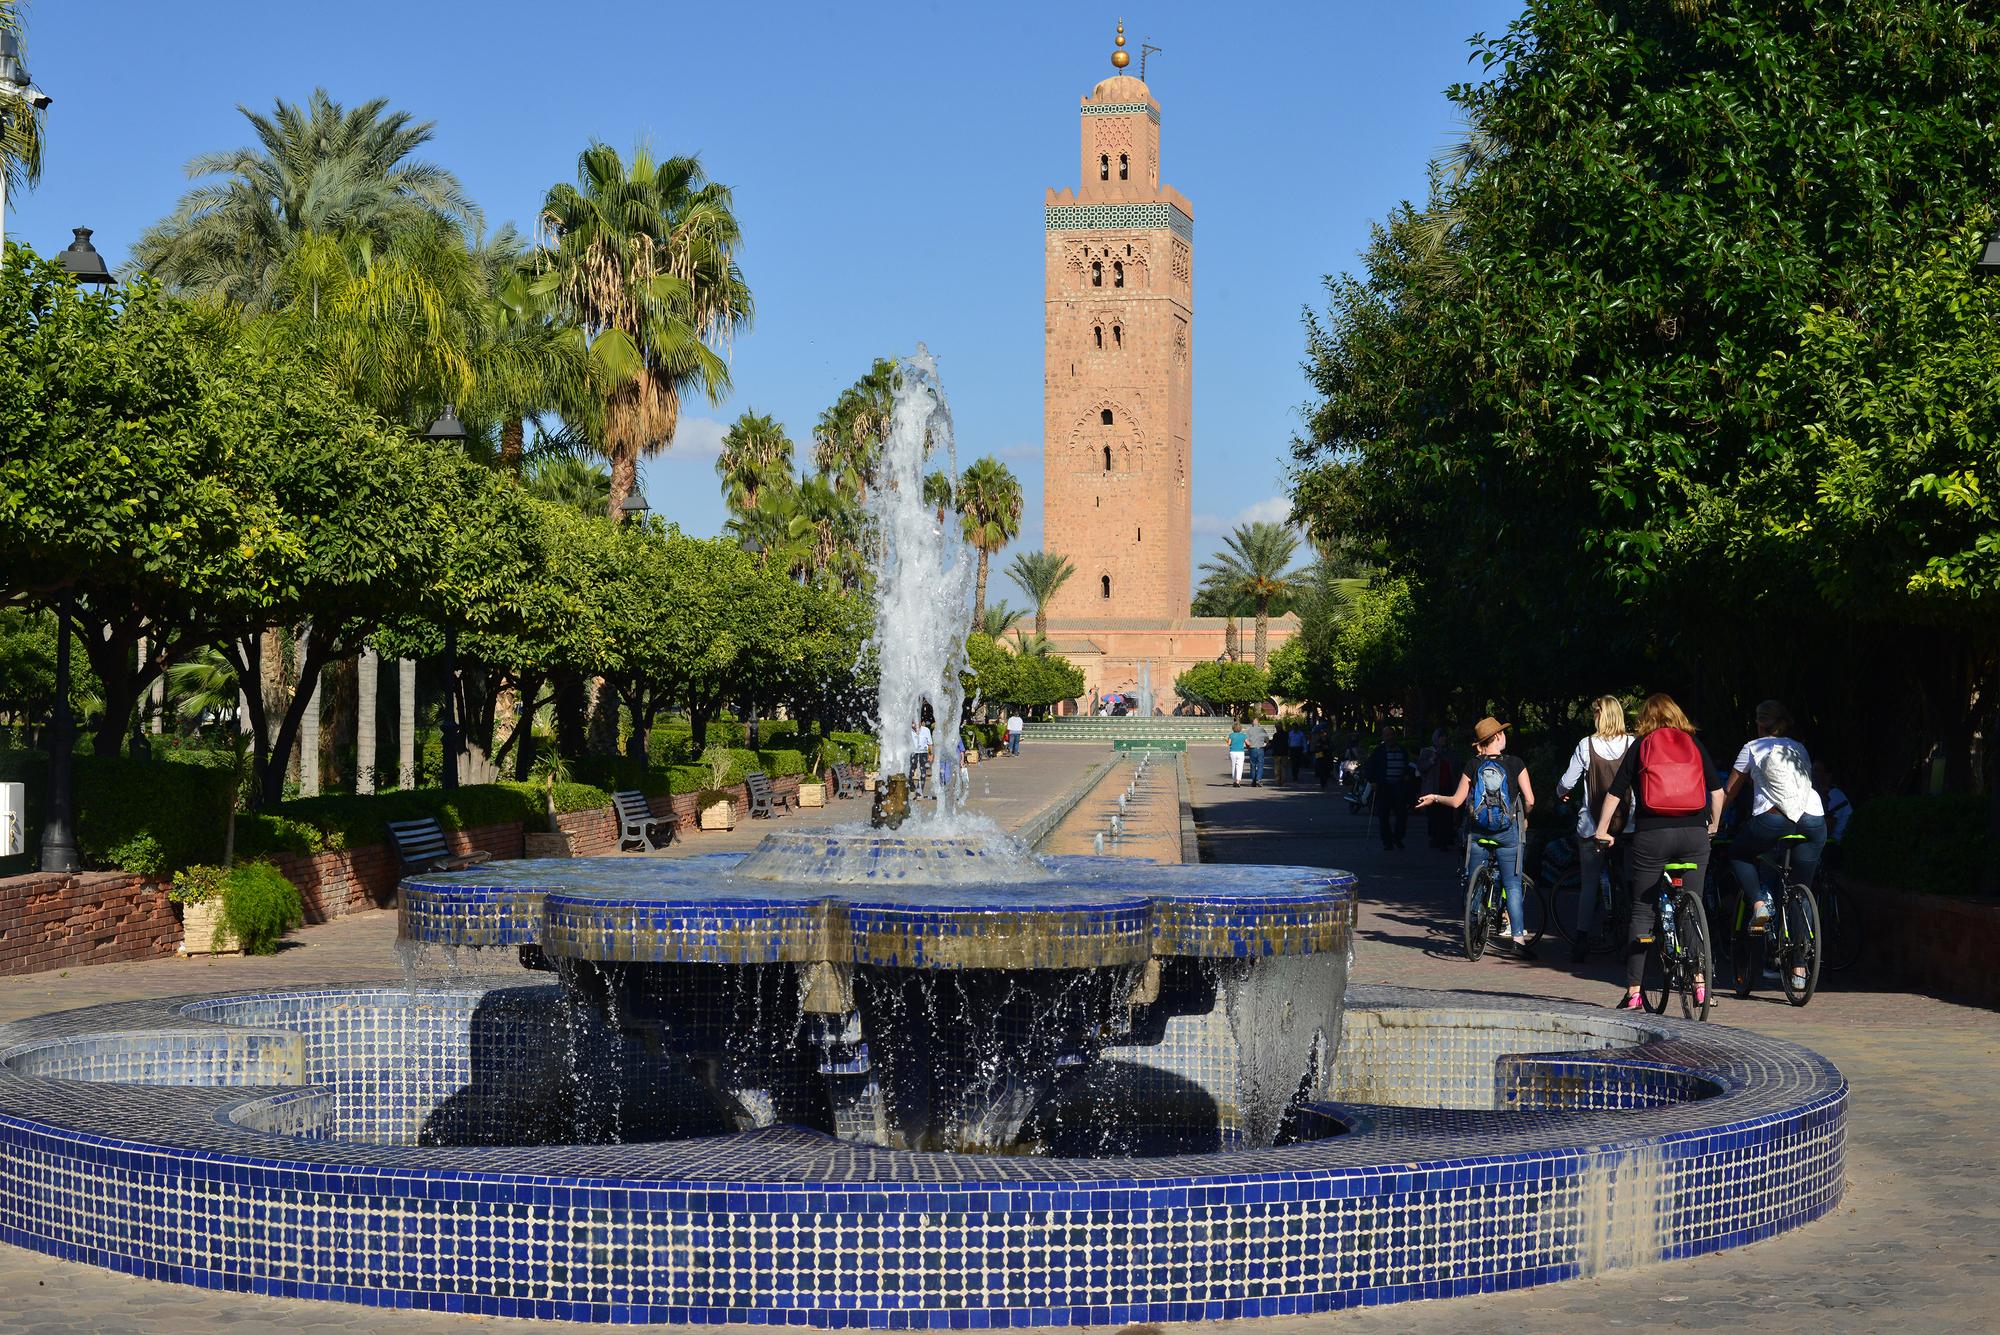 Fietsexcursie Marrakech - 3 uur op de fiets op avontuur door oude & nieuwe gedeelte Marrakech. En ontdek deze prachtige koningsstad en haar prachtige highlights met onze locale gids